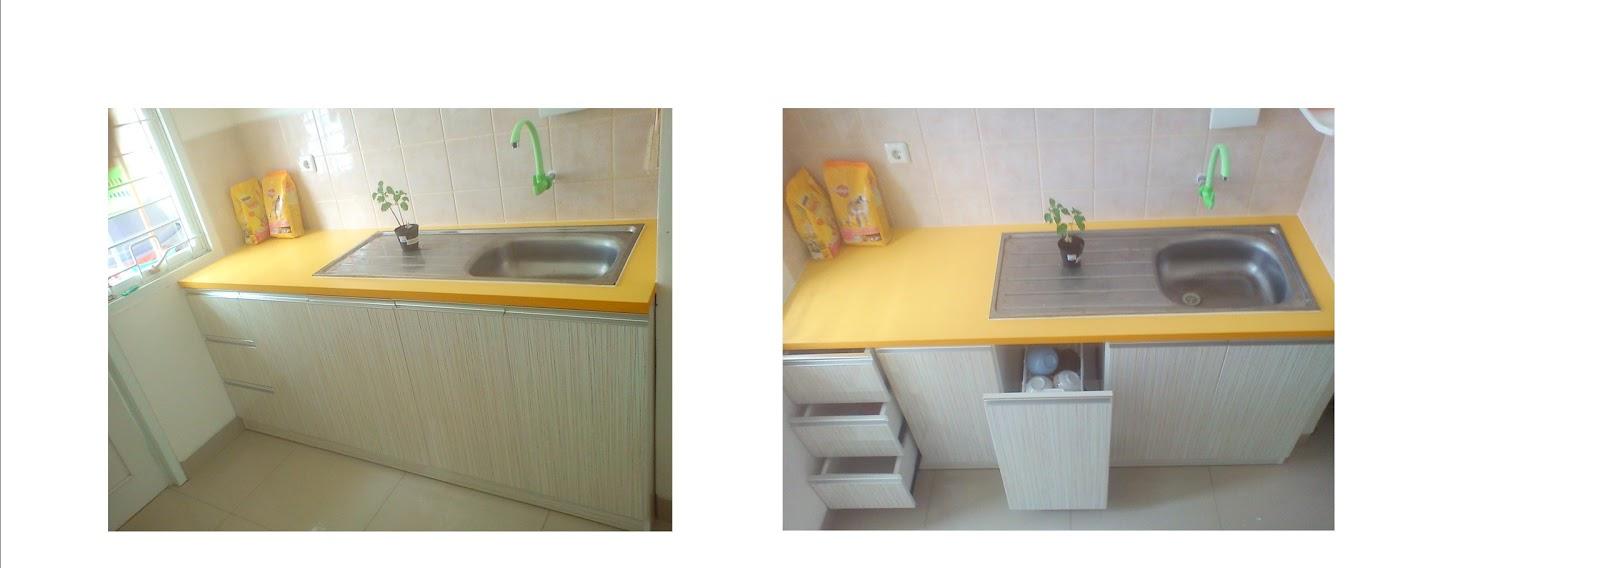 Furniture interior harga terjangkau kitchen set type for Harga kitchen set stainless